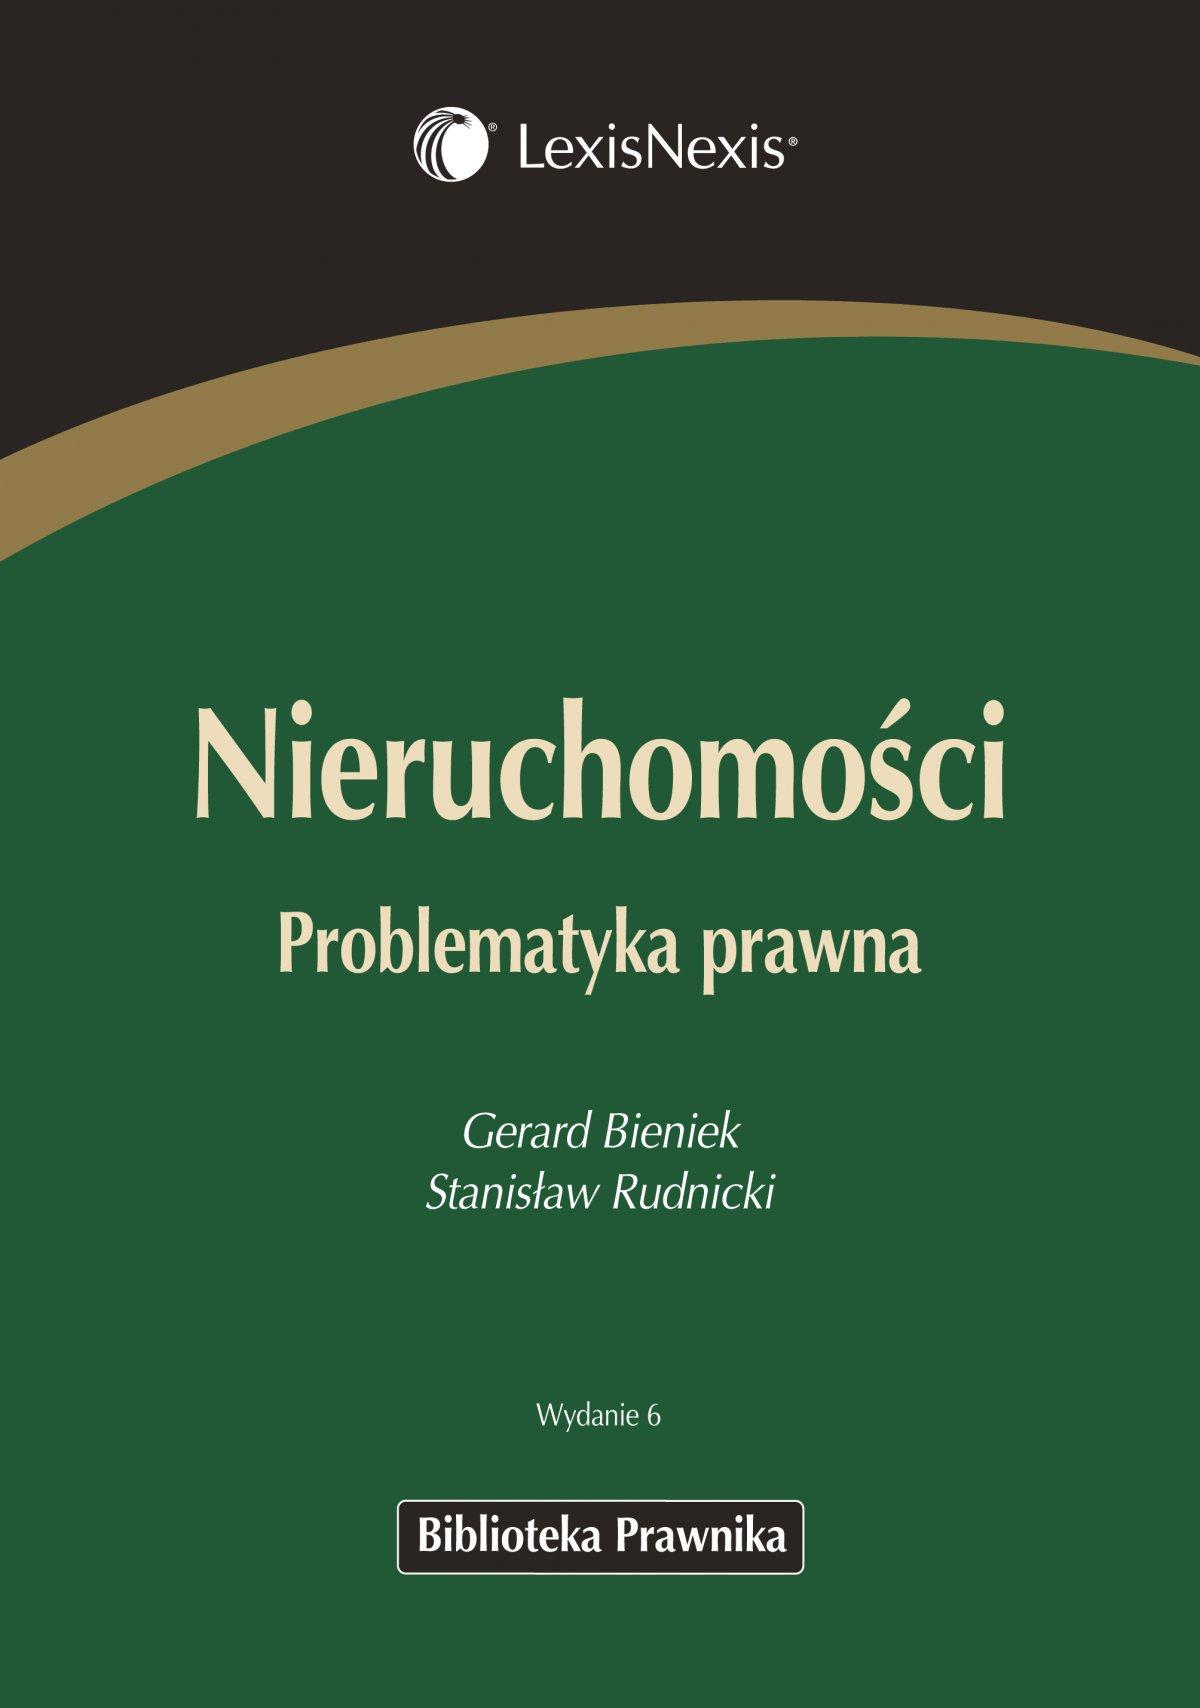 Nieruchomości. Problematyka prawna. Wydanie 6 - Ebook (Książka PDF) do pobrania w formacie PDF